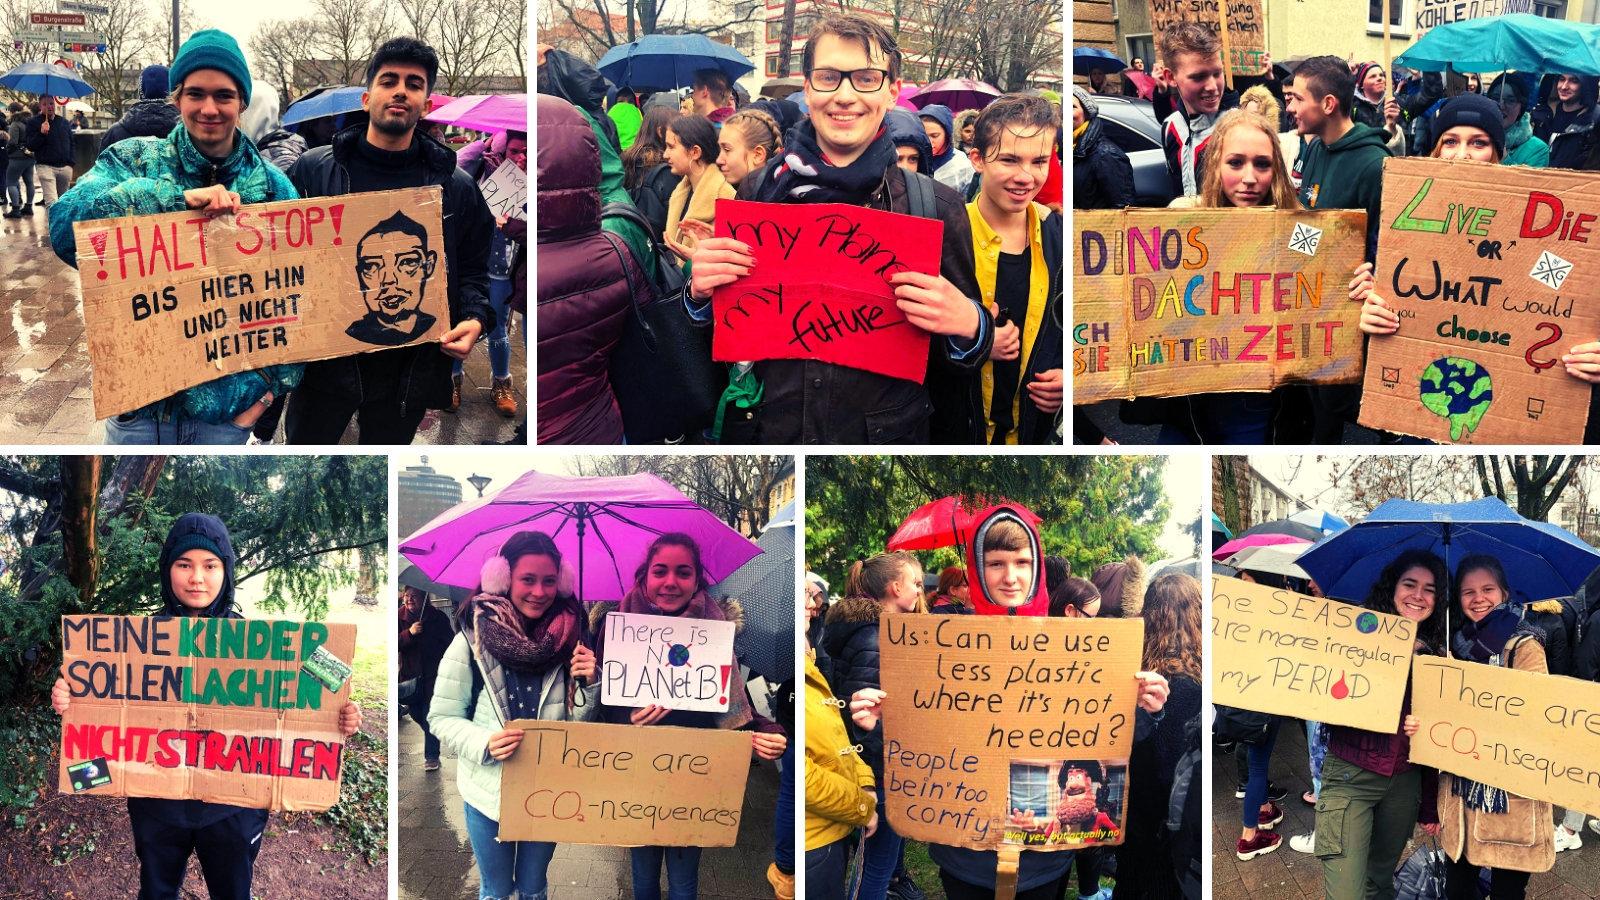 Schüler bei der #FridaysForFuture-Demo in